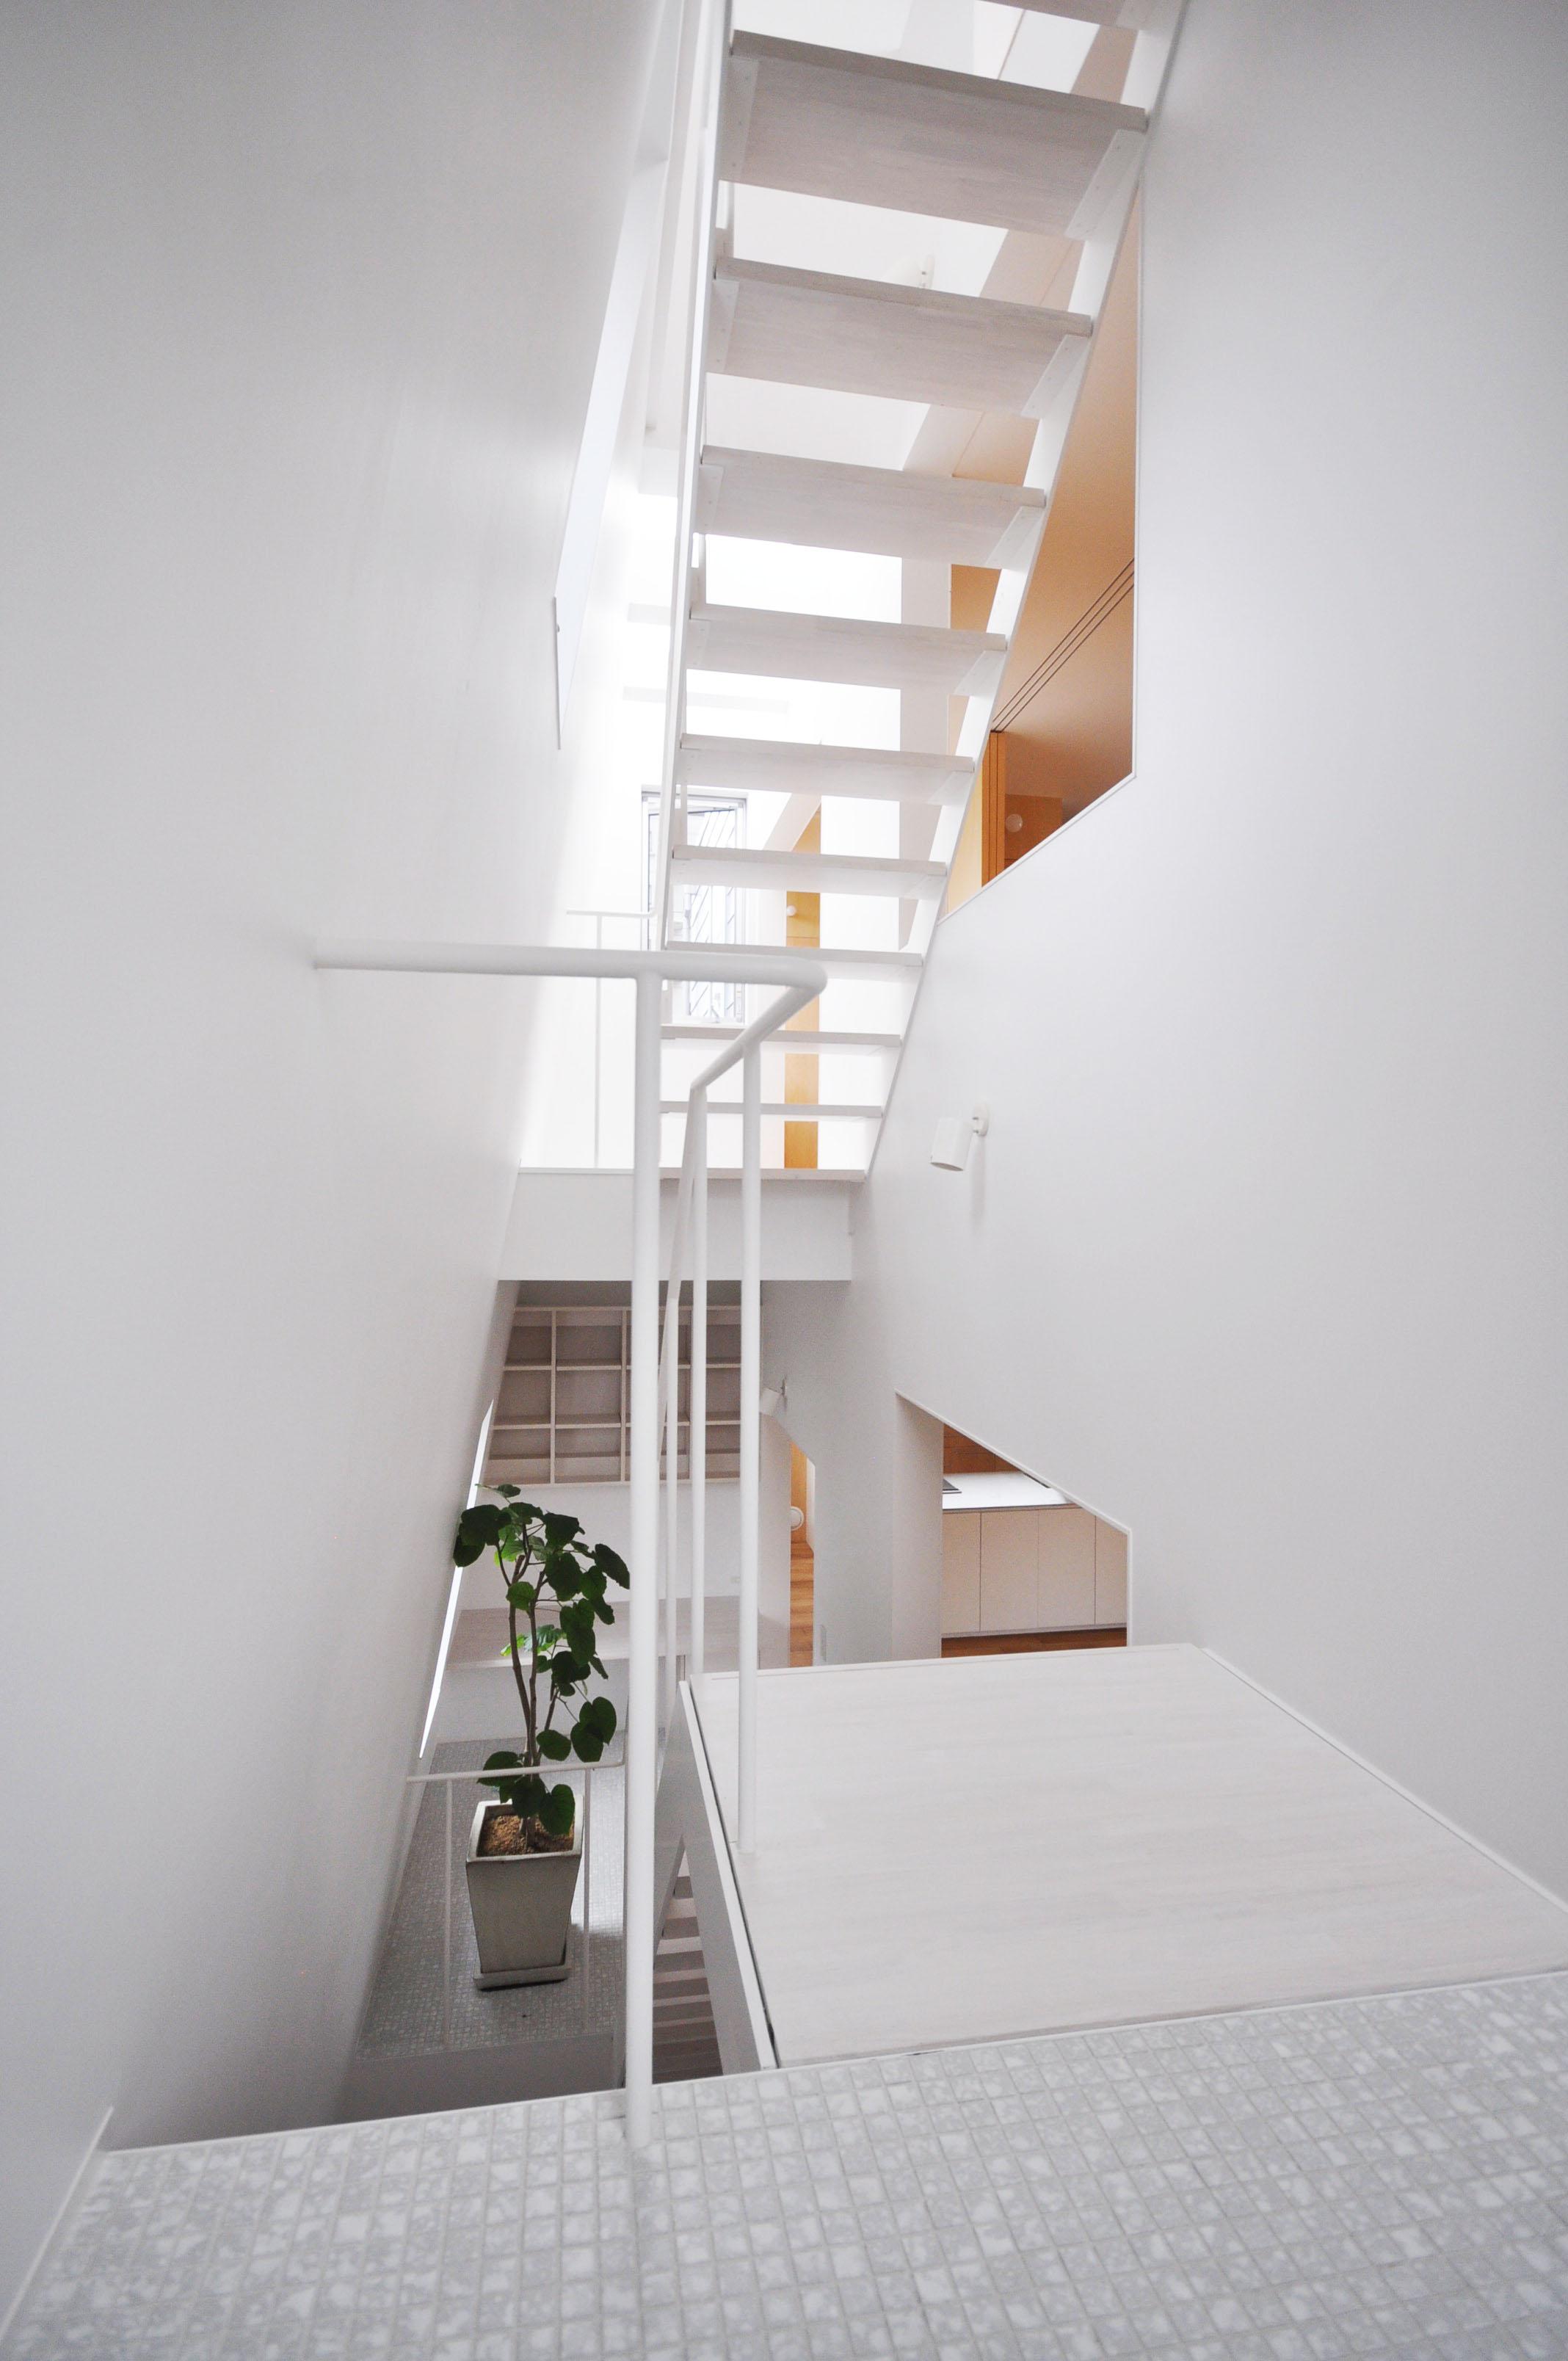 2世帯住宅  東京都品川区 shinagawaku Tokyo